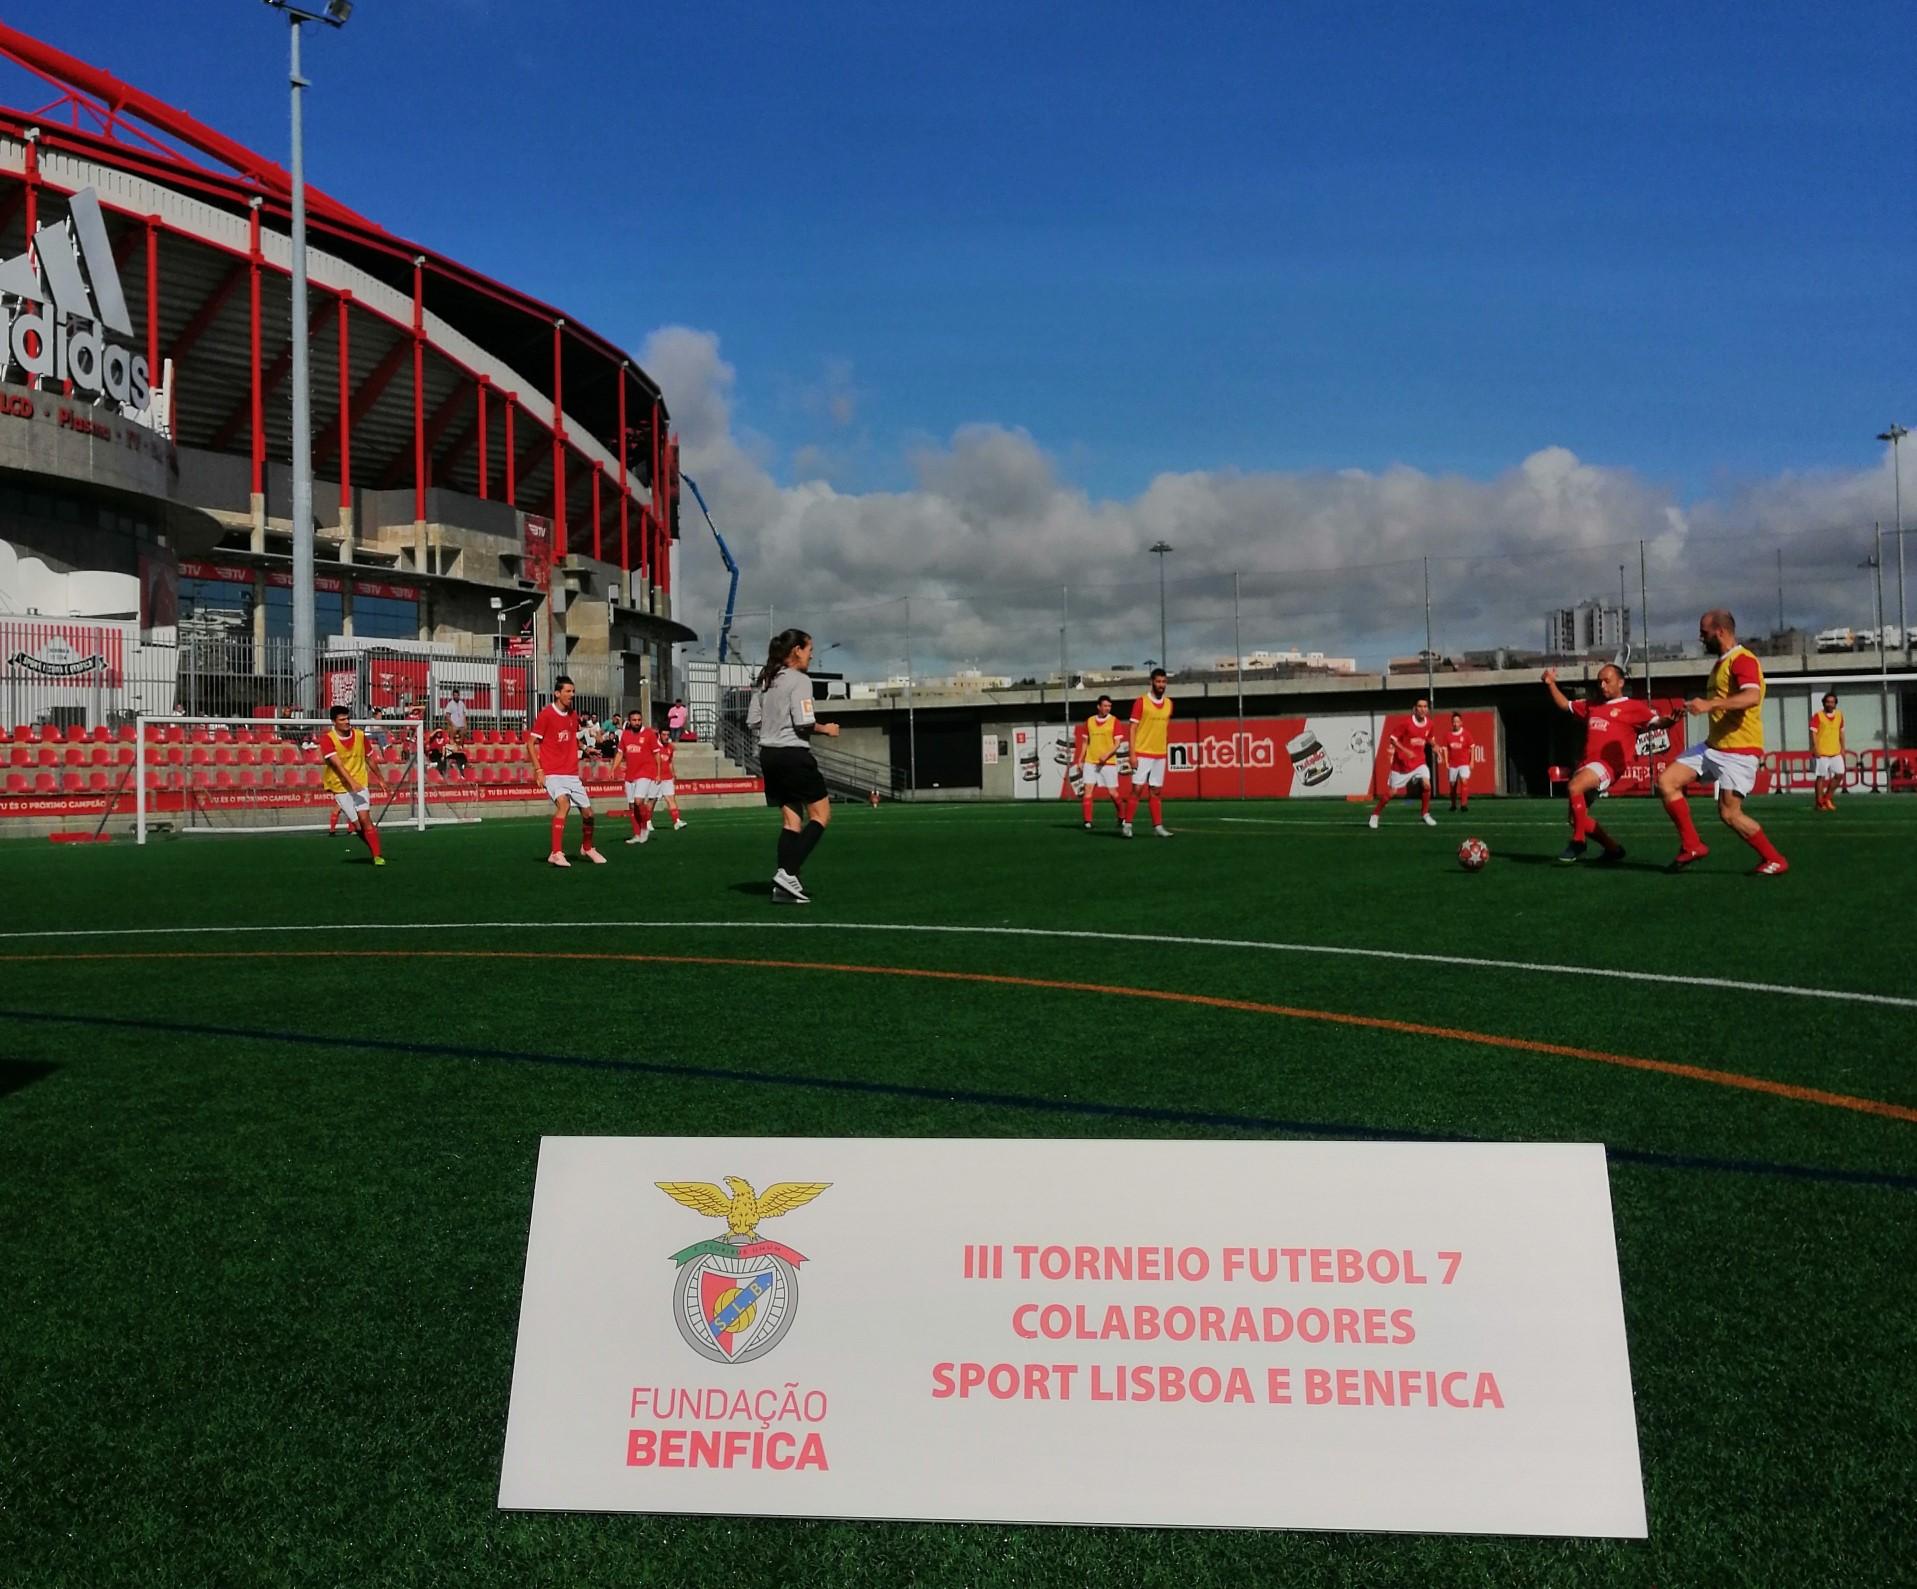 III Torneio de Futebol 7 Colaboradores Sport Lisboa e Benfica